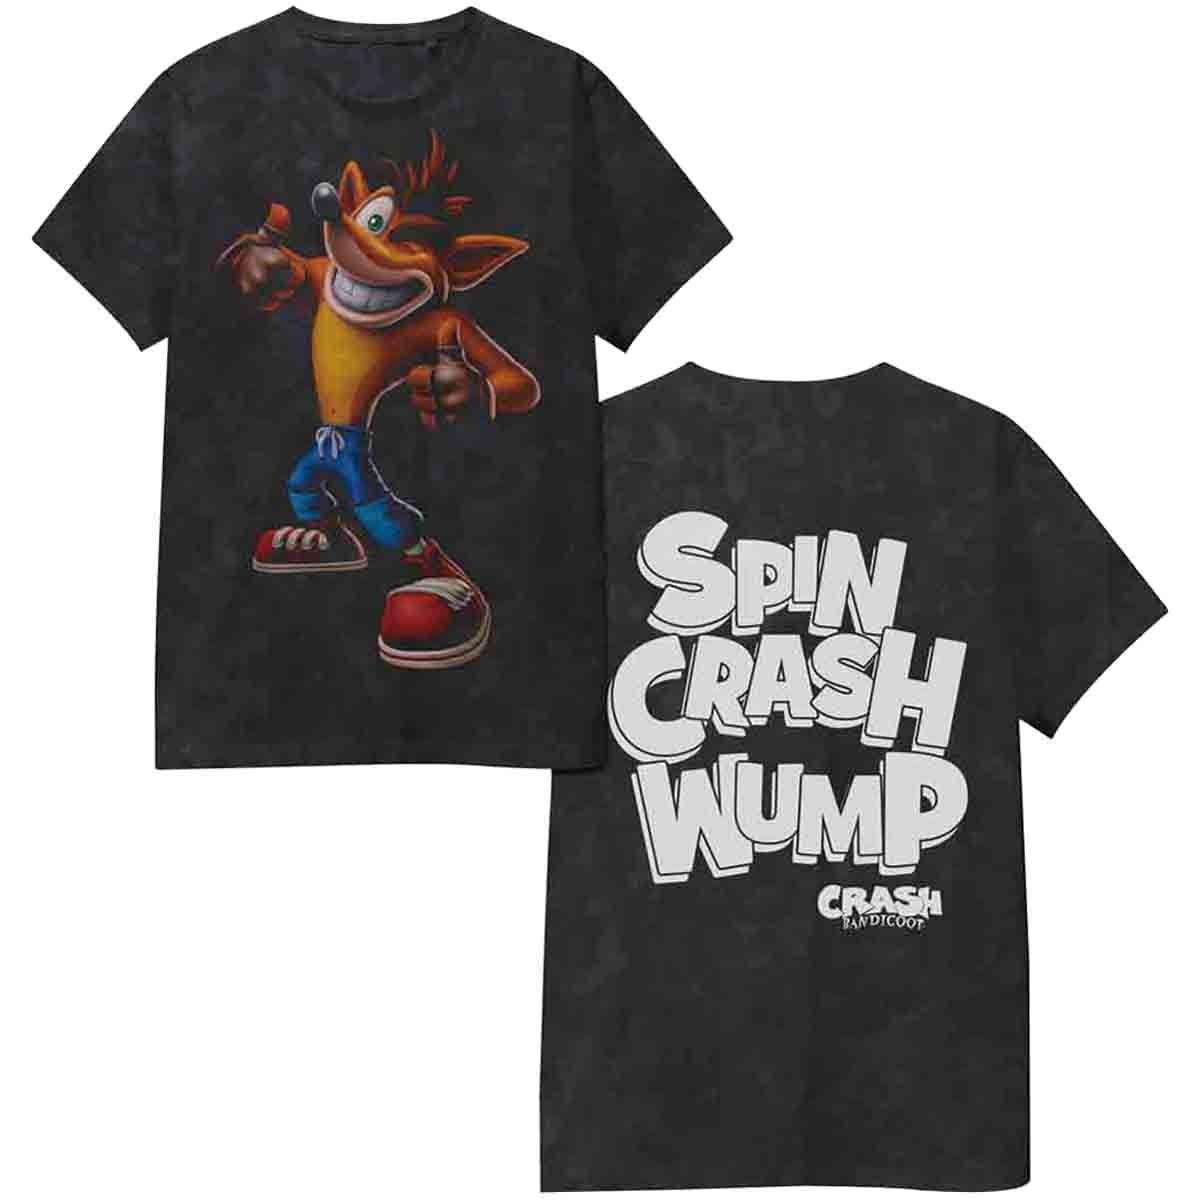 Camisetas de videojuegos a muy buen precio